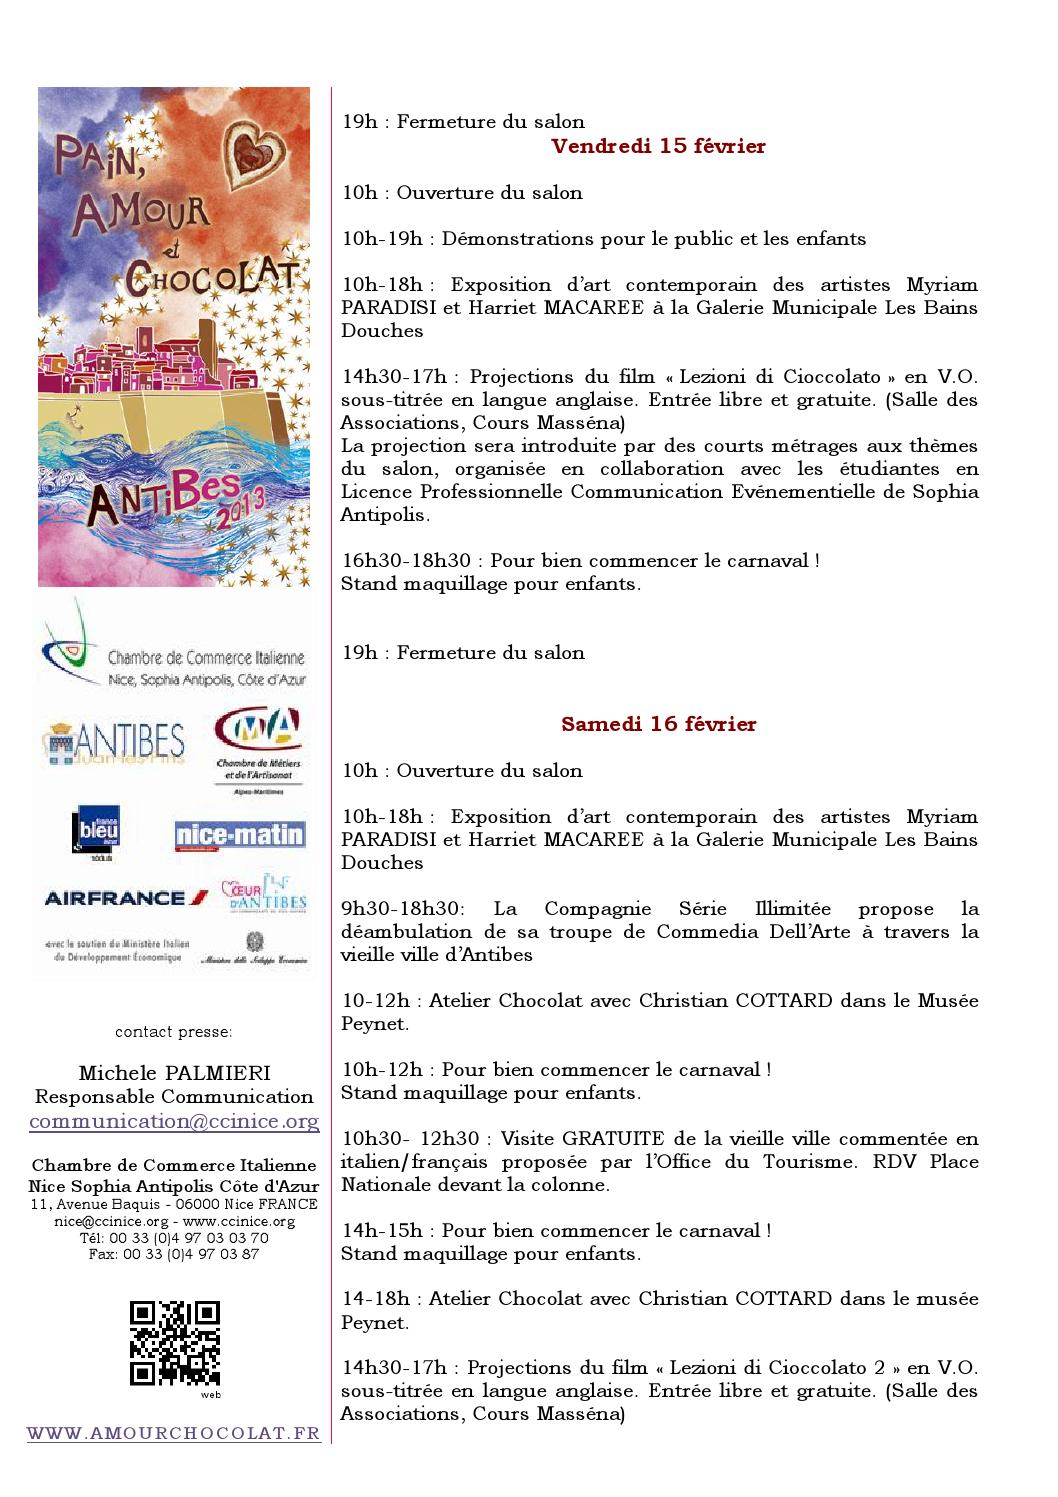 Resoconto della 7 edizione di pain amour et chocolat - Chambre de commerce italienne de nice ...